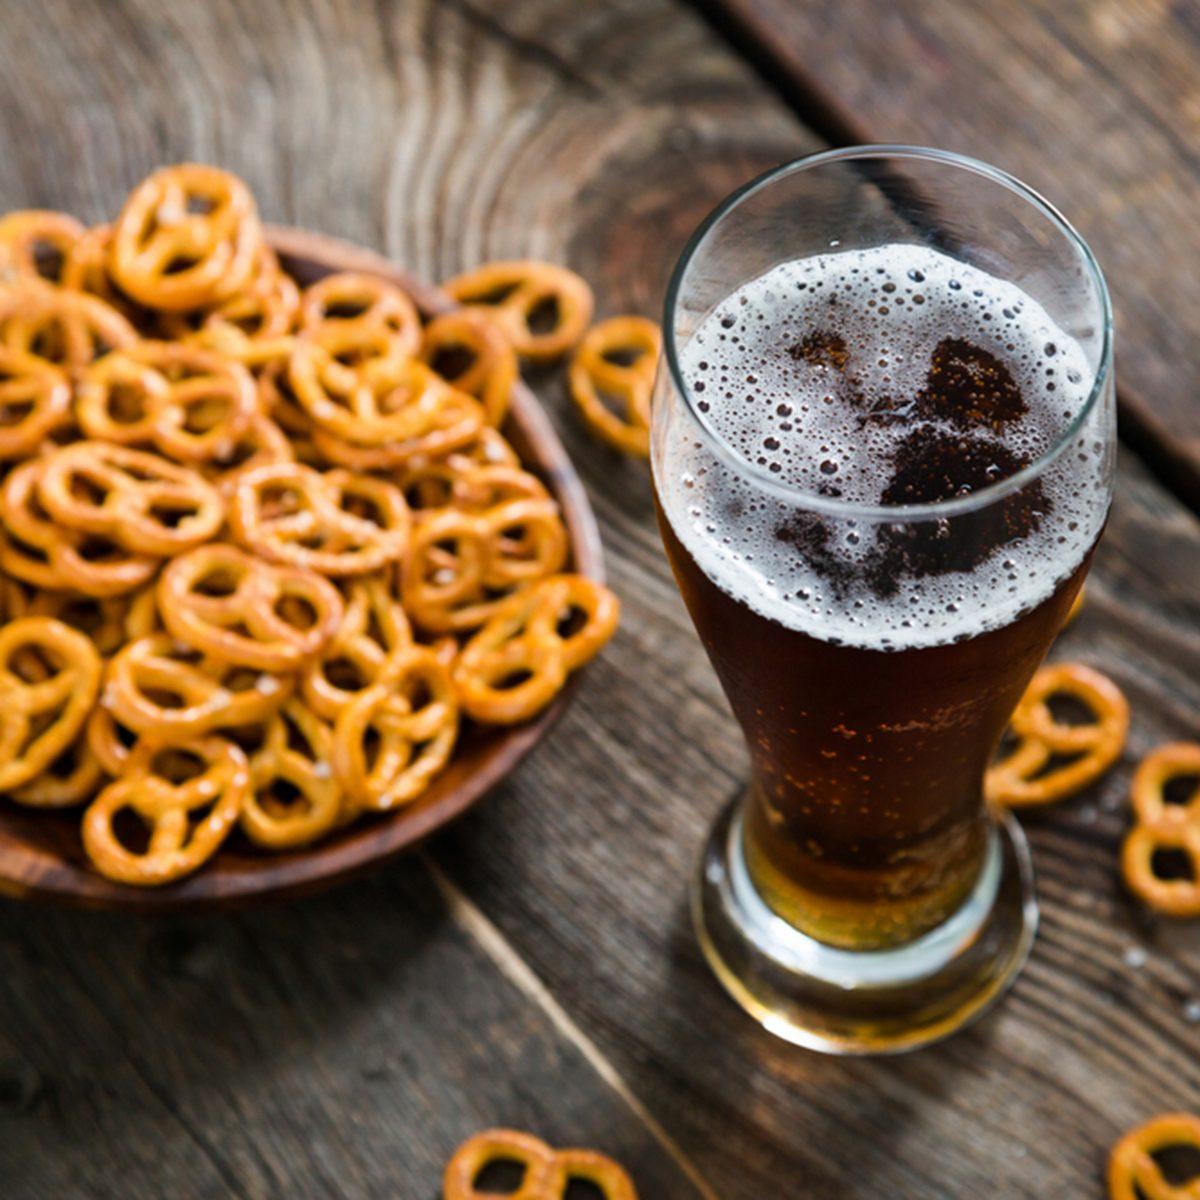 Dark beer and pretzels